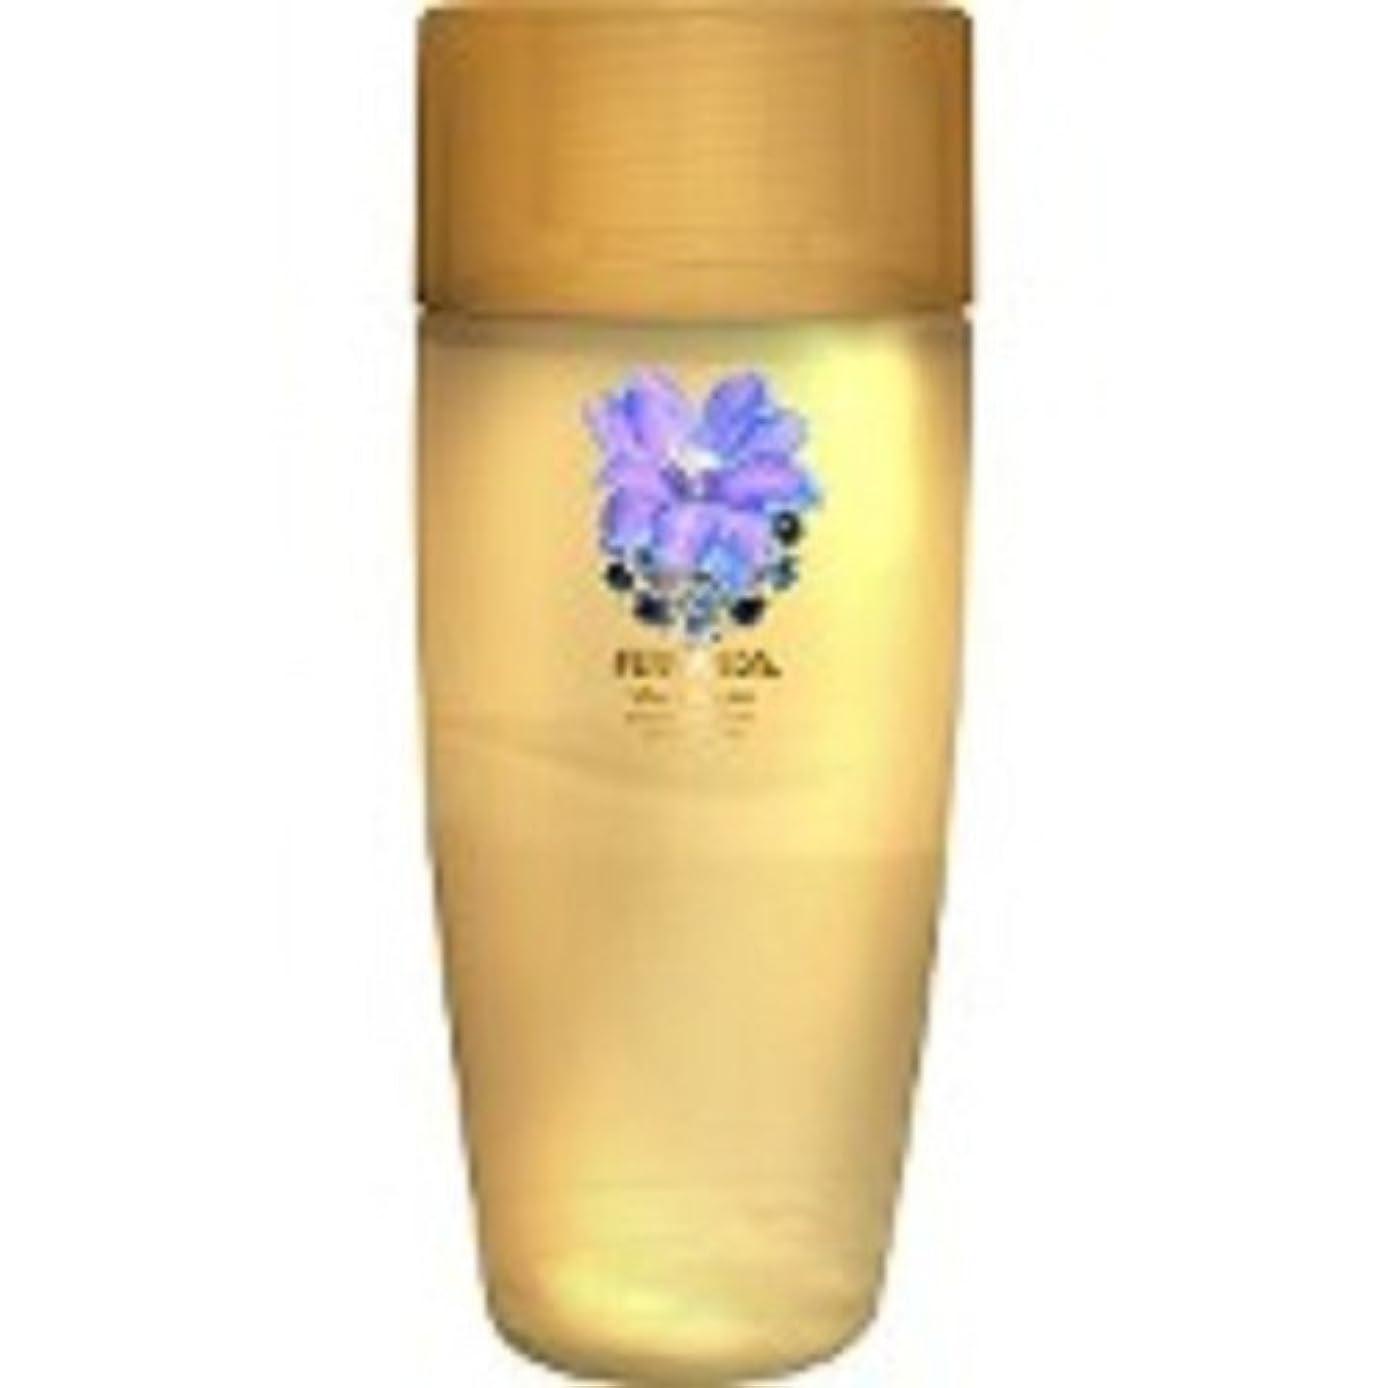 認可看板認可FERNANDA(フェルナンダ) Body Oil Maria Regale ( ボディ オイル マリアリゲル)